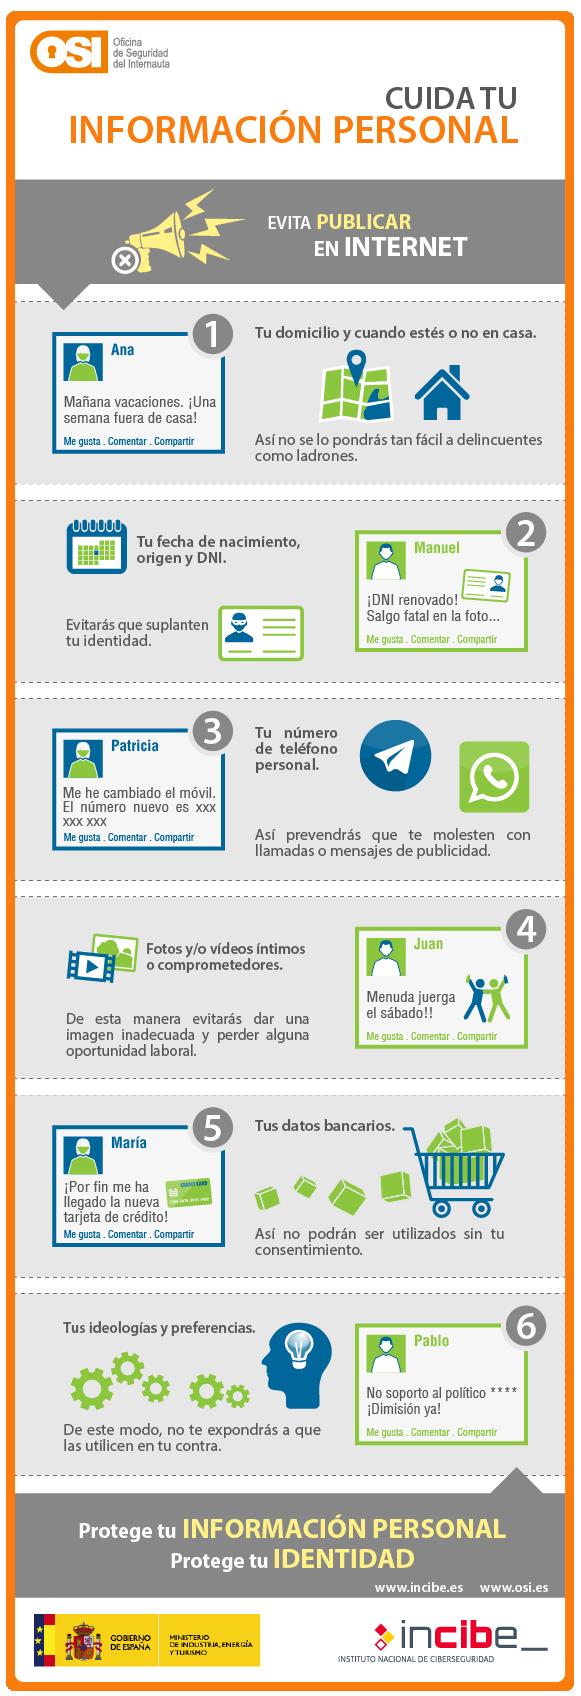 Cuida la información personal que publicas en Internet